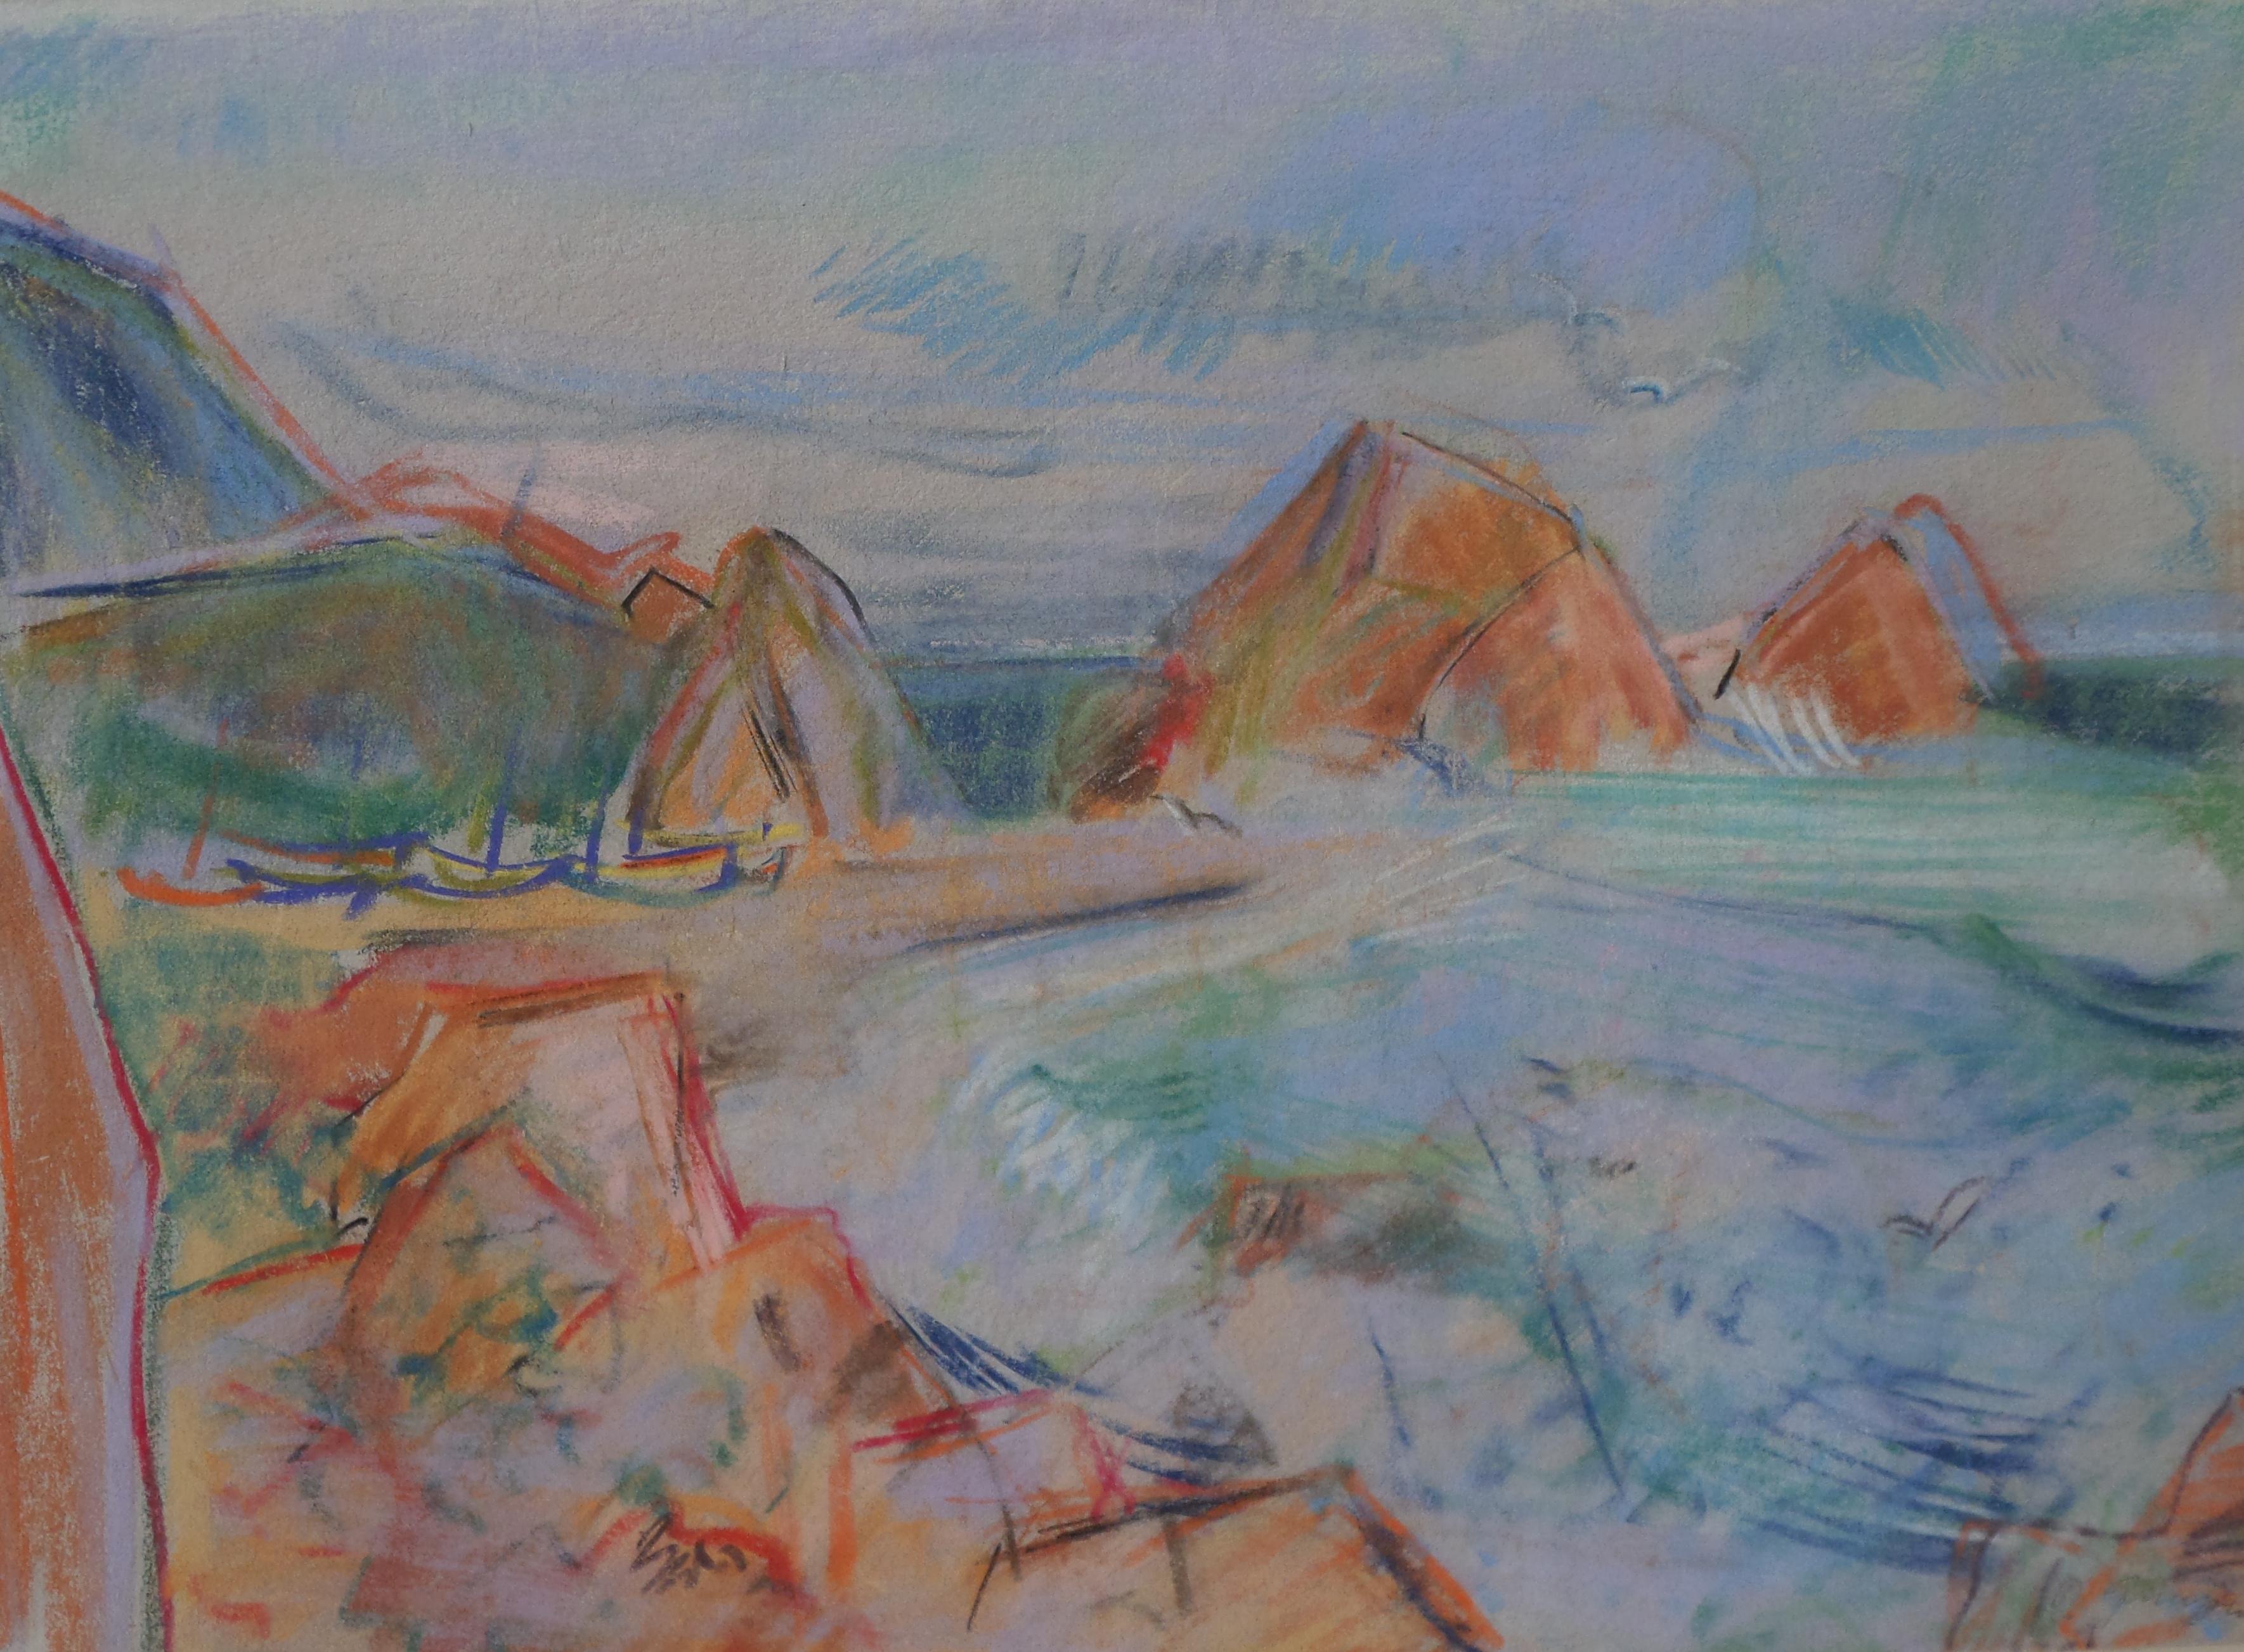 Boote am Strand, Wachszeichnung von Peter Janssen